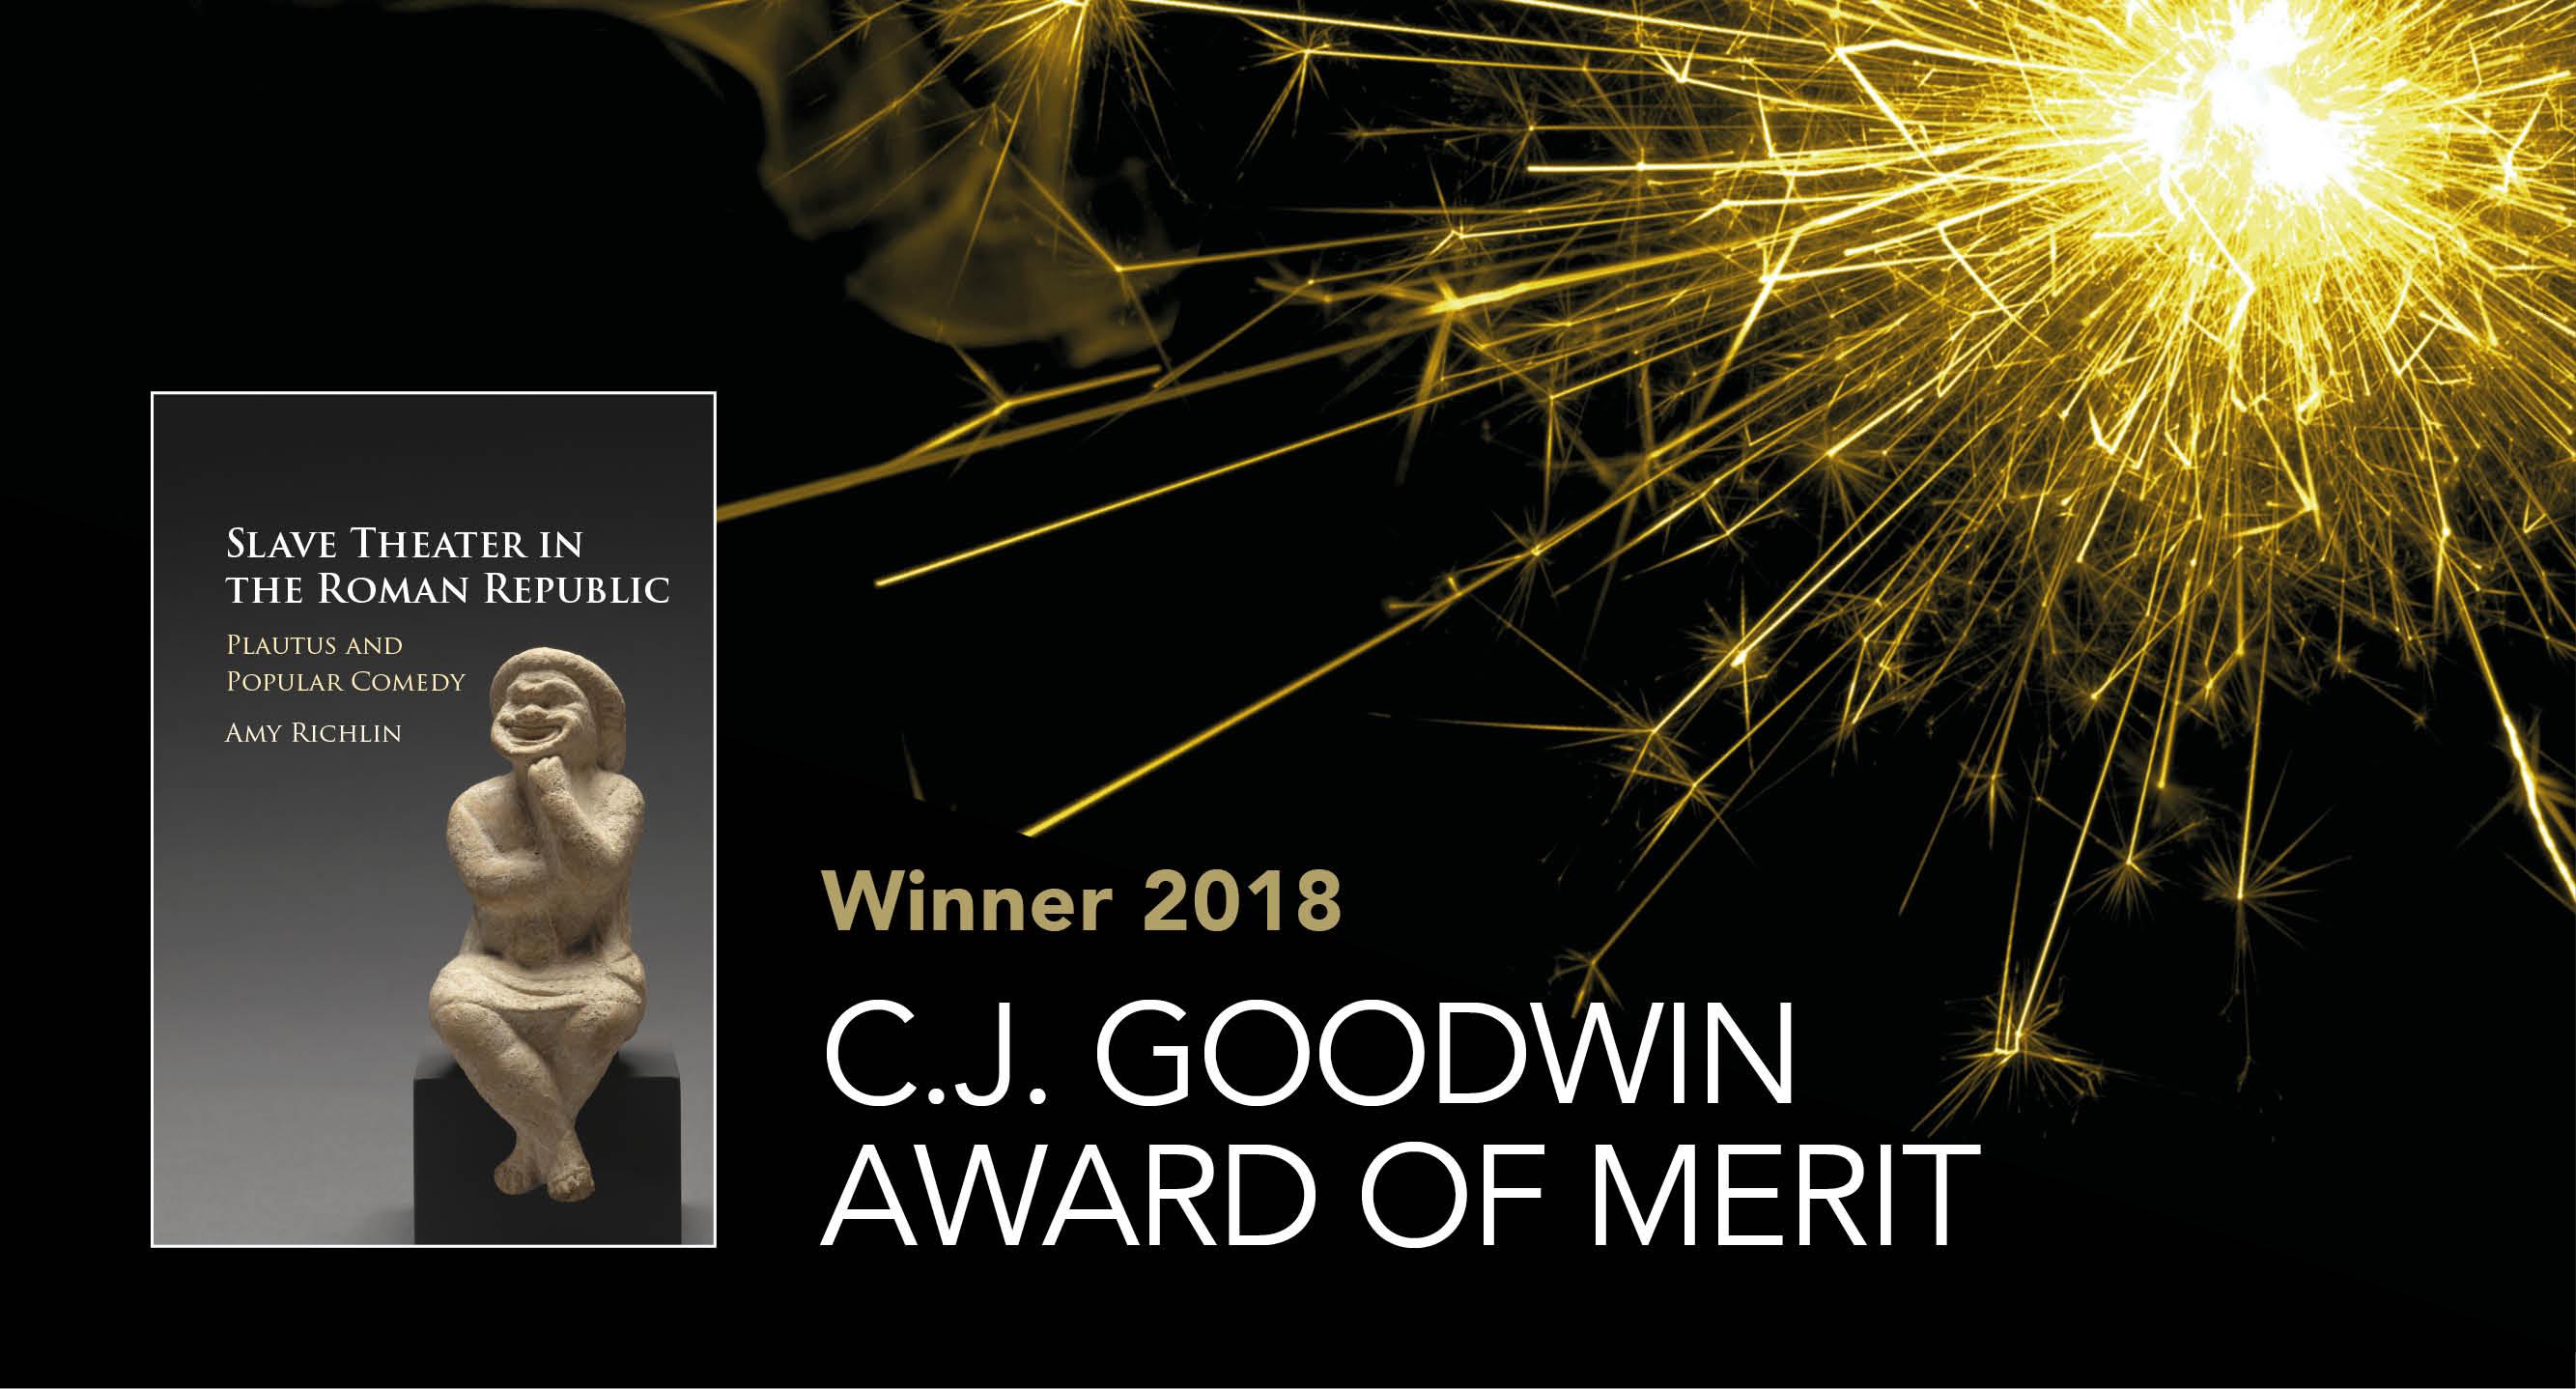 C.J. Goodwin Award